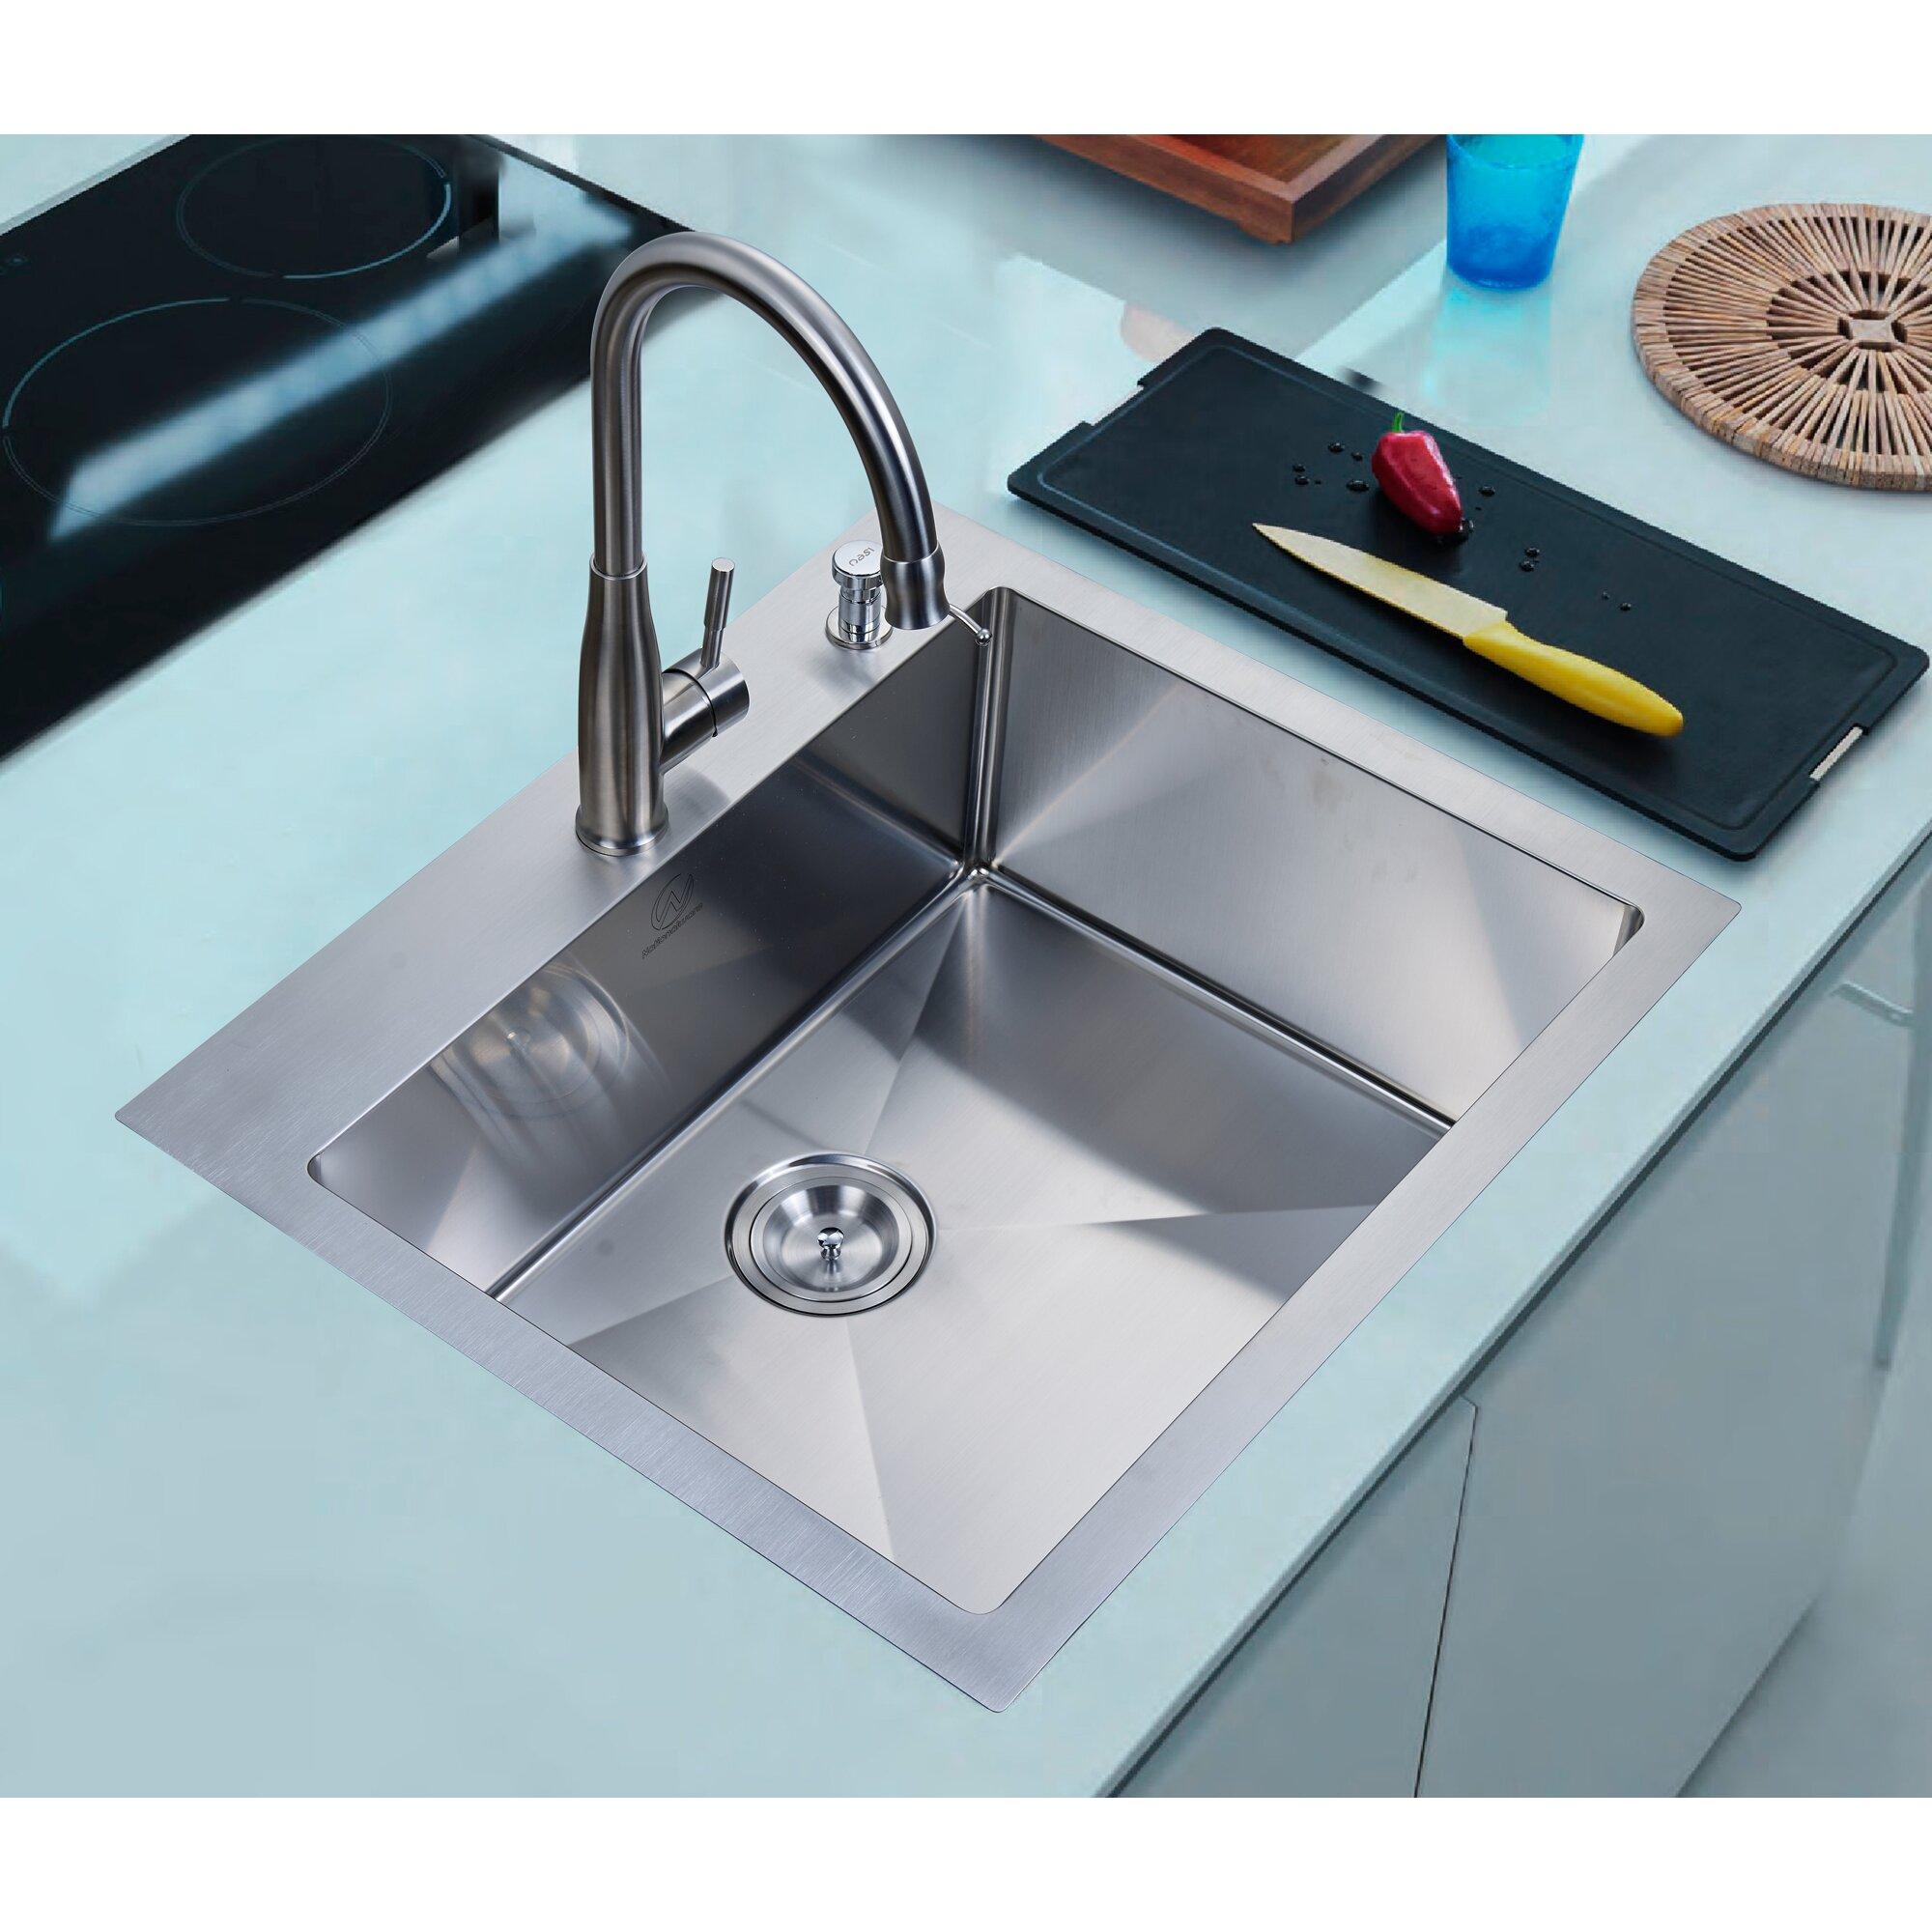 Overmount Single Basin Kitchen Sink